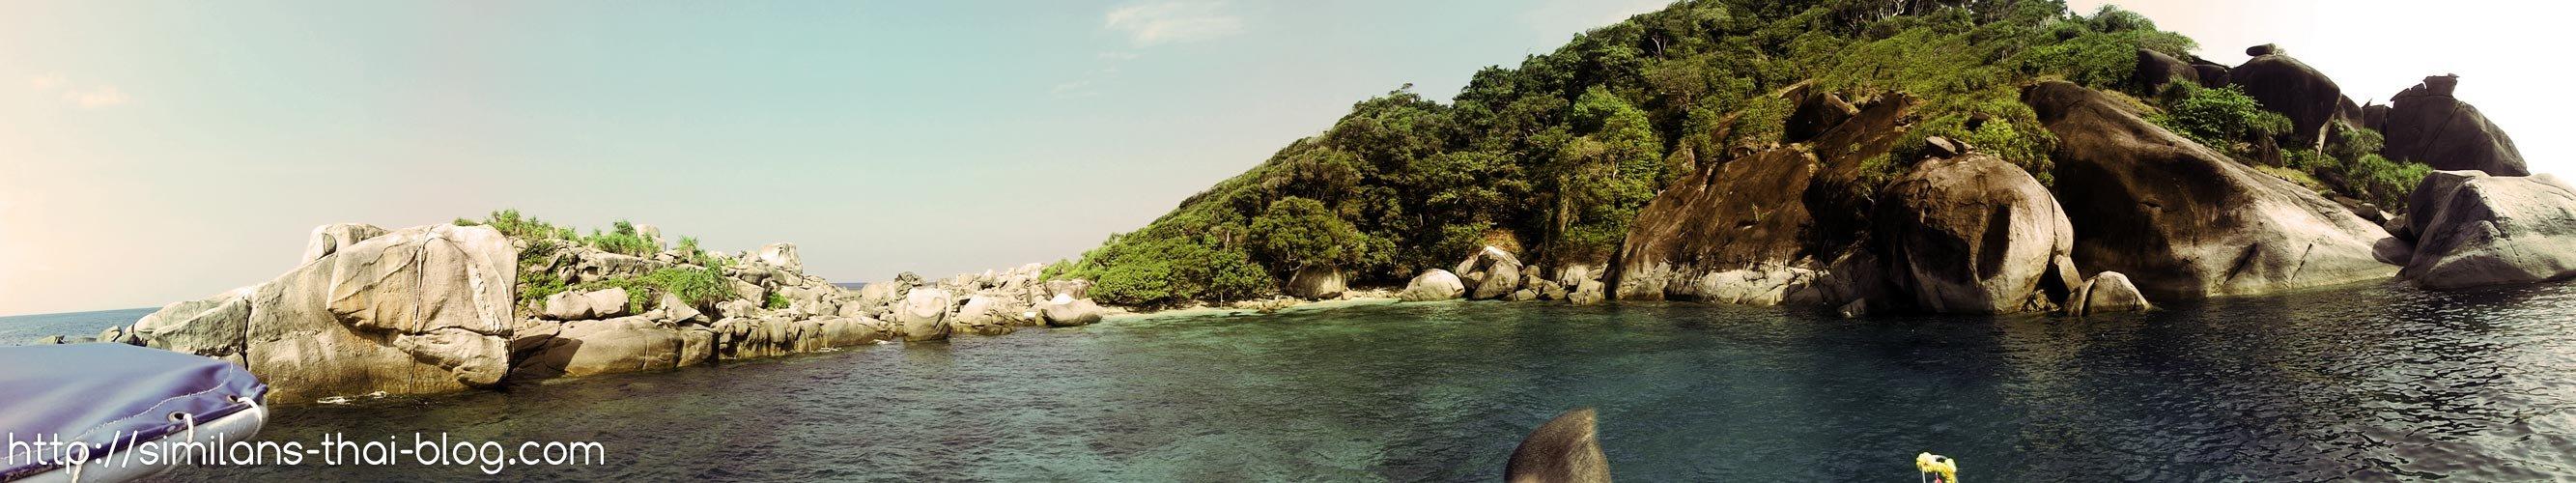 similan-rocks-panorama